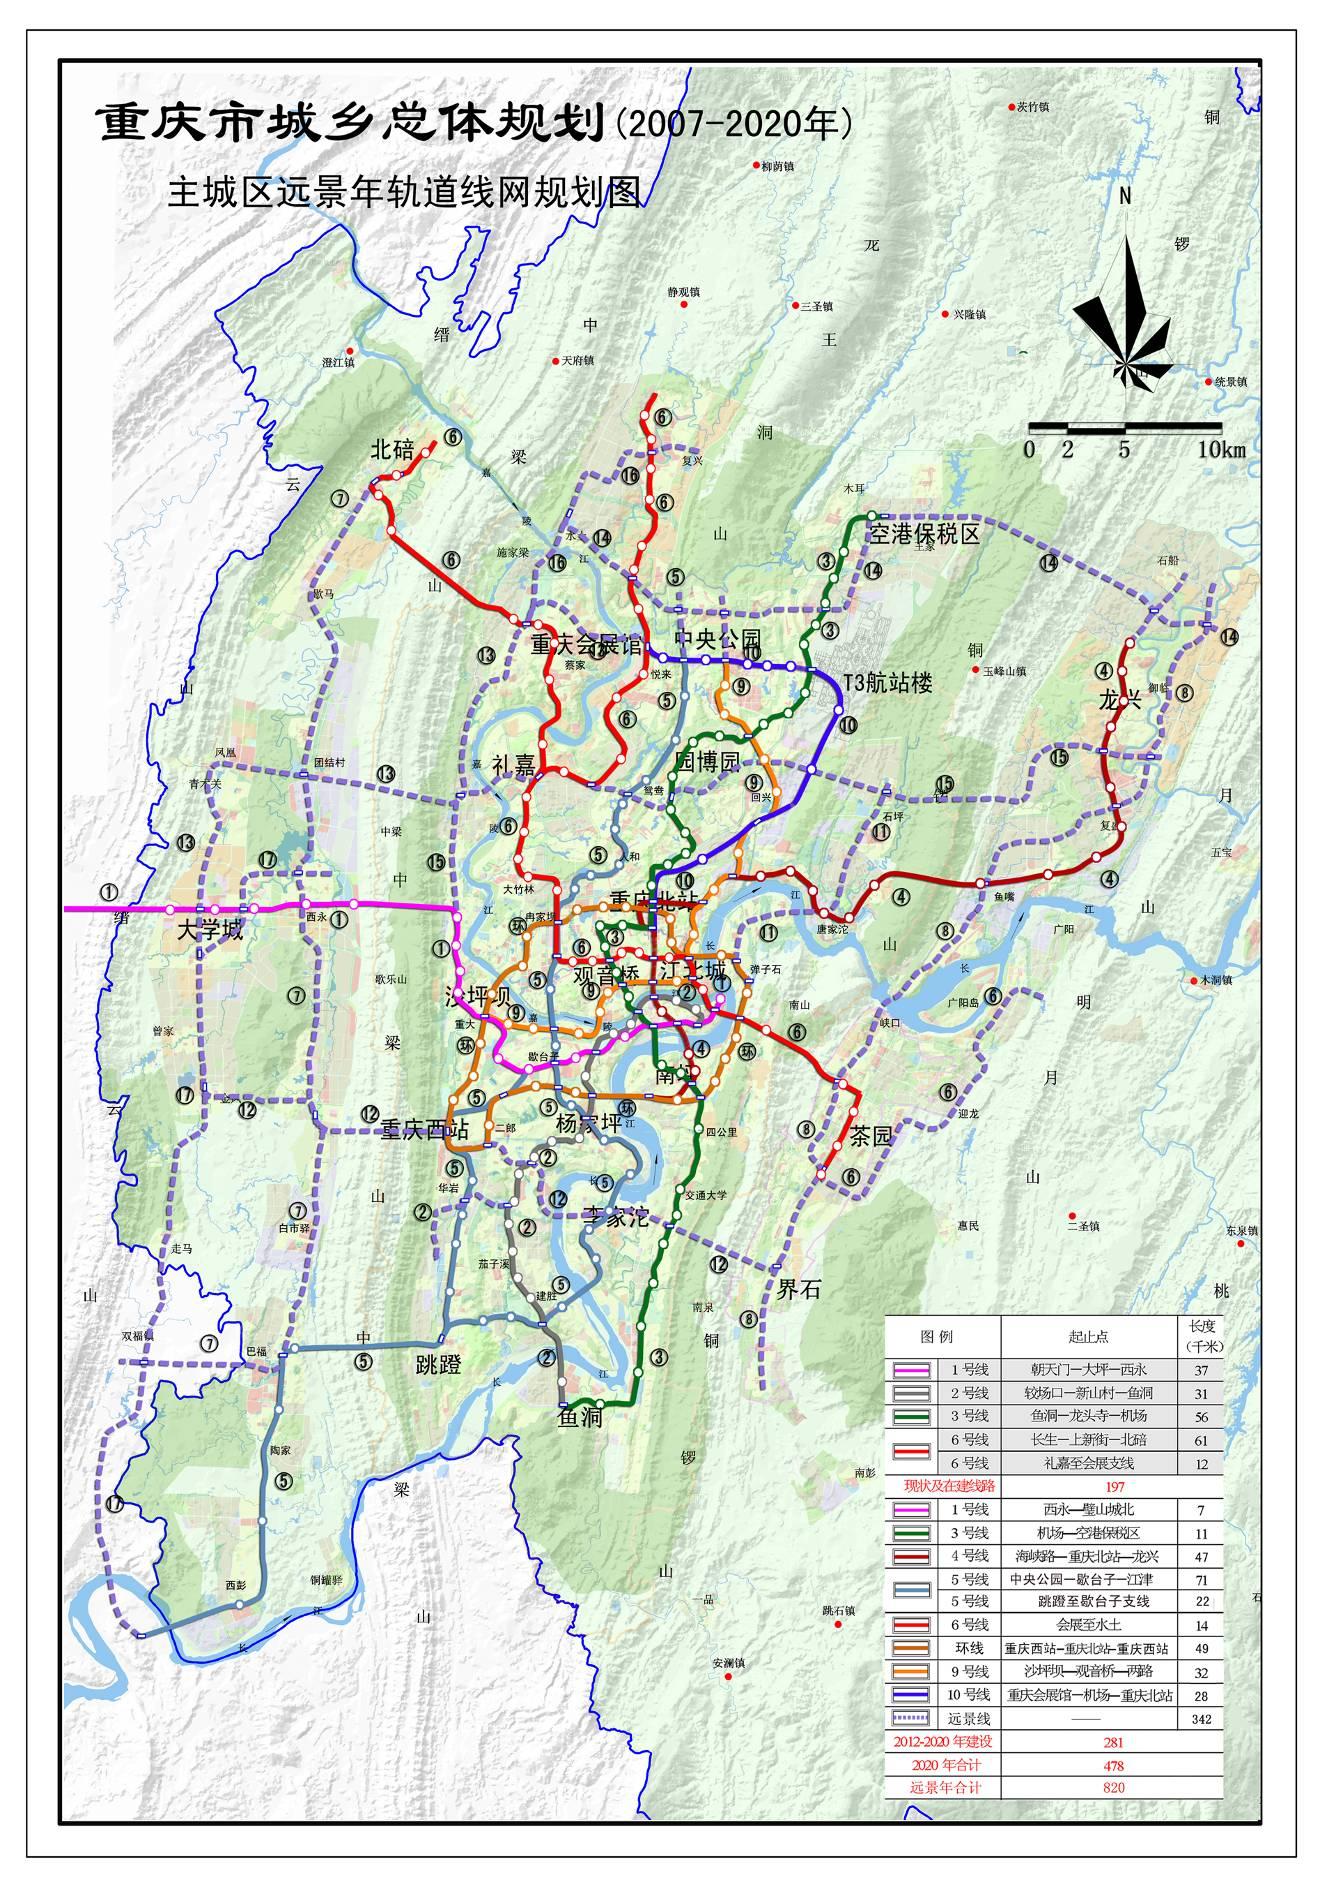 重庆轨道交通整体规划